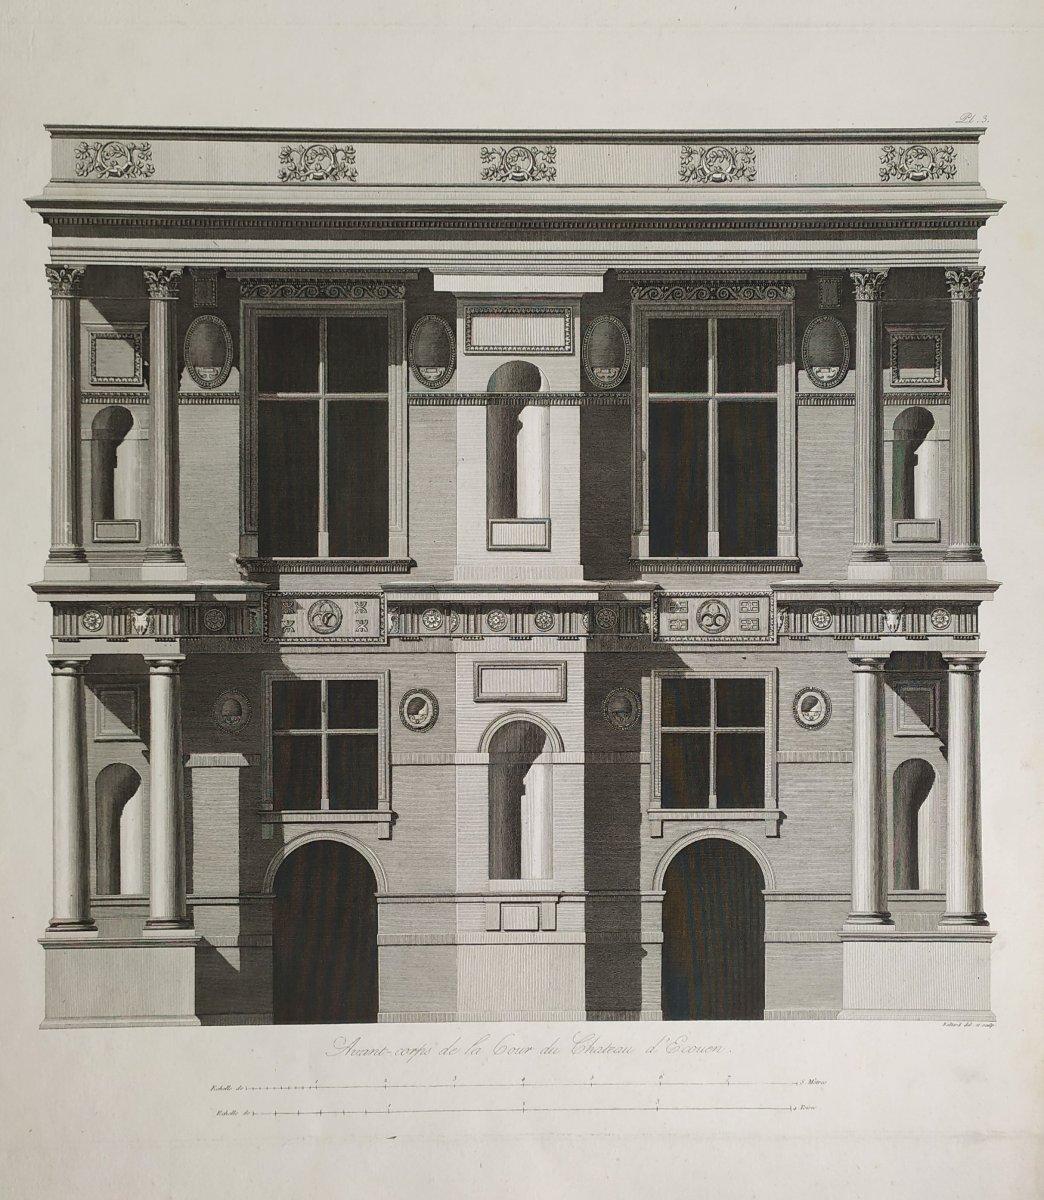 Gravure architecture  d'époque Empire  XIXème  Avant-corps de la Cour du Château d'Ecouen  -photo-8